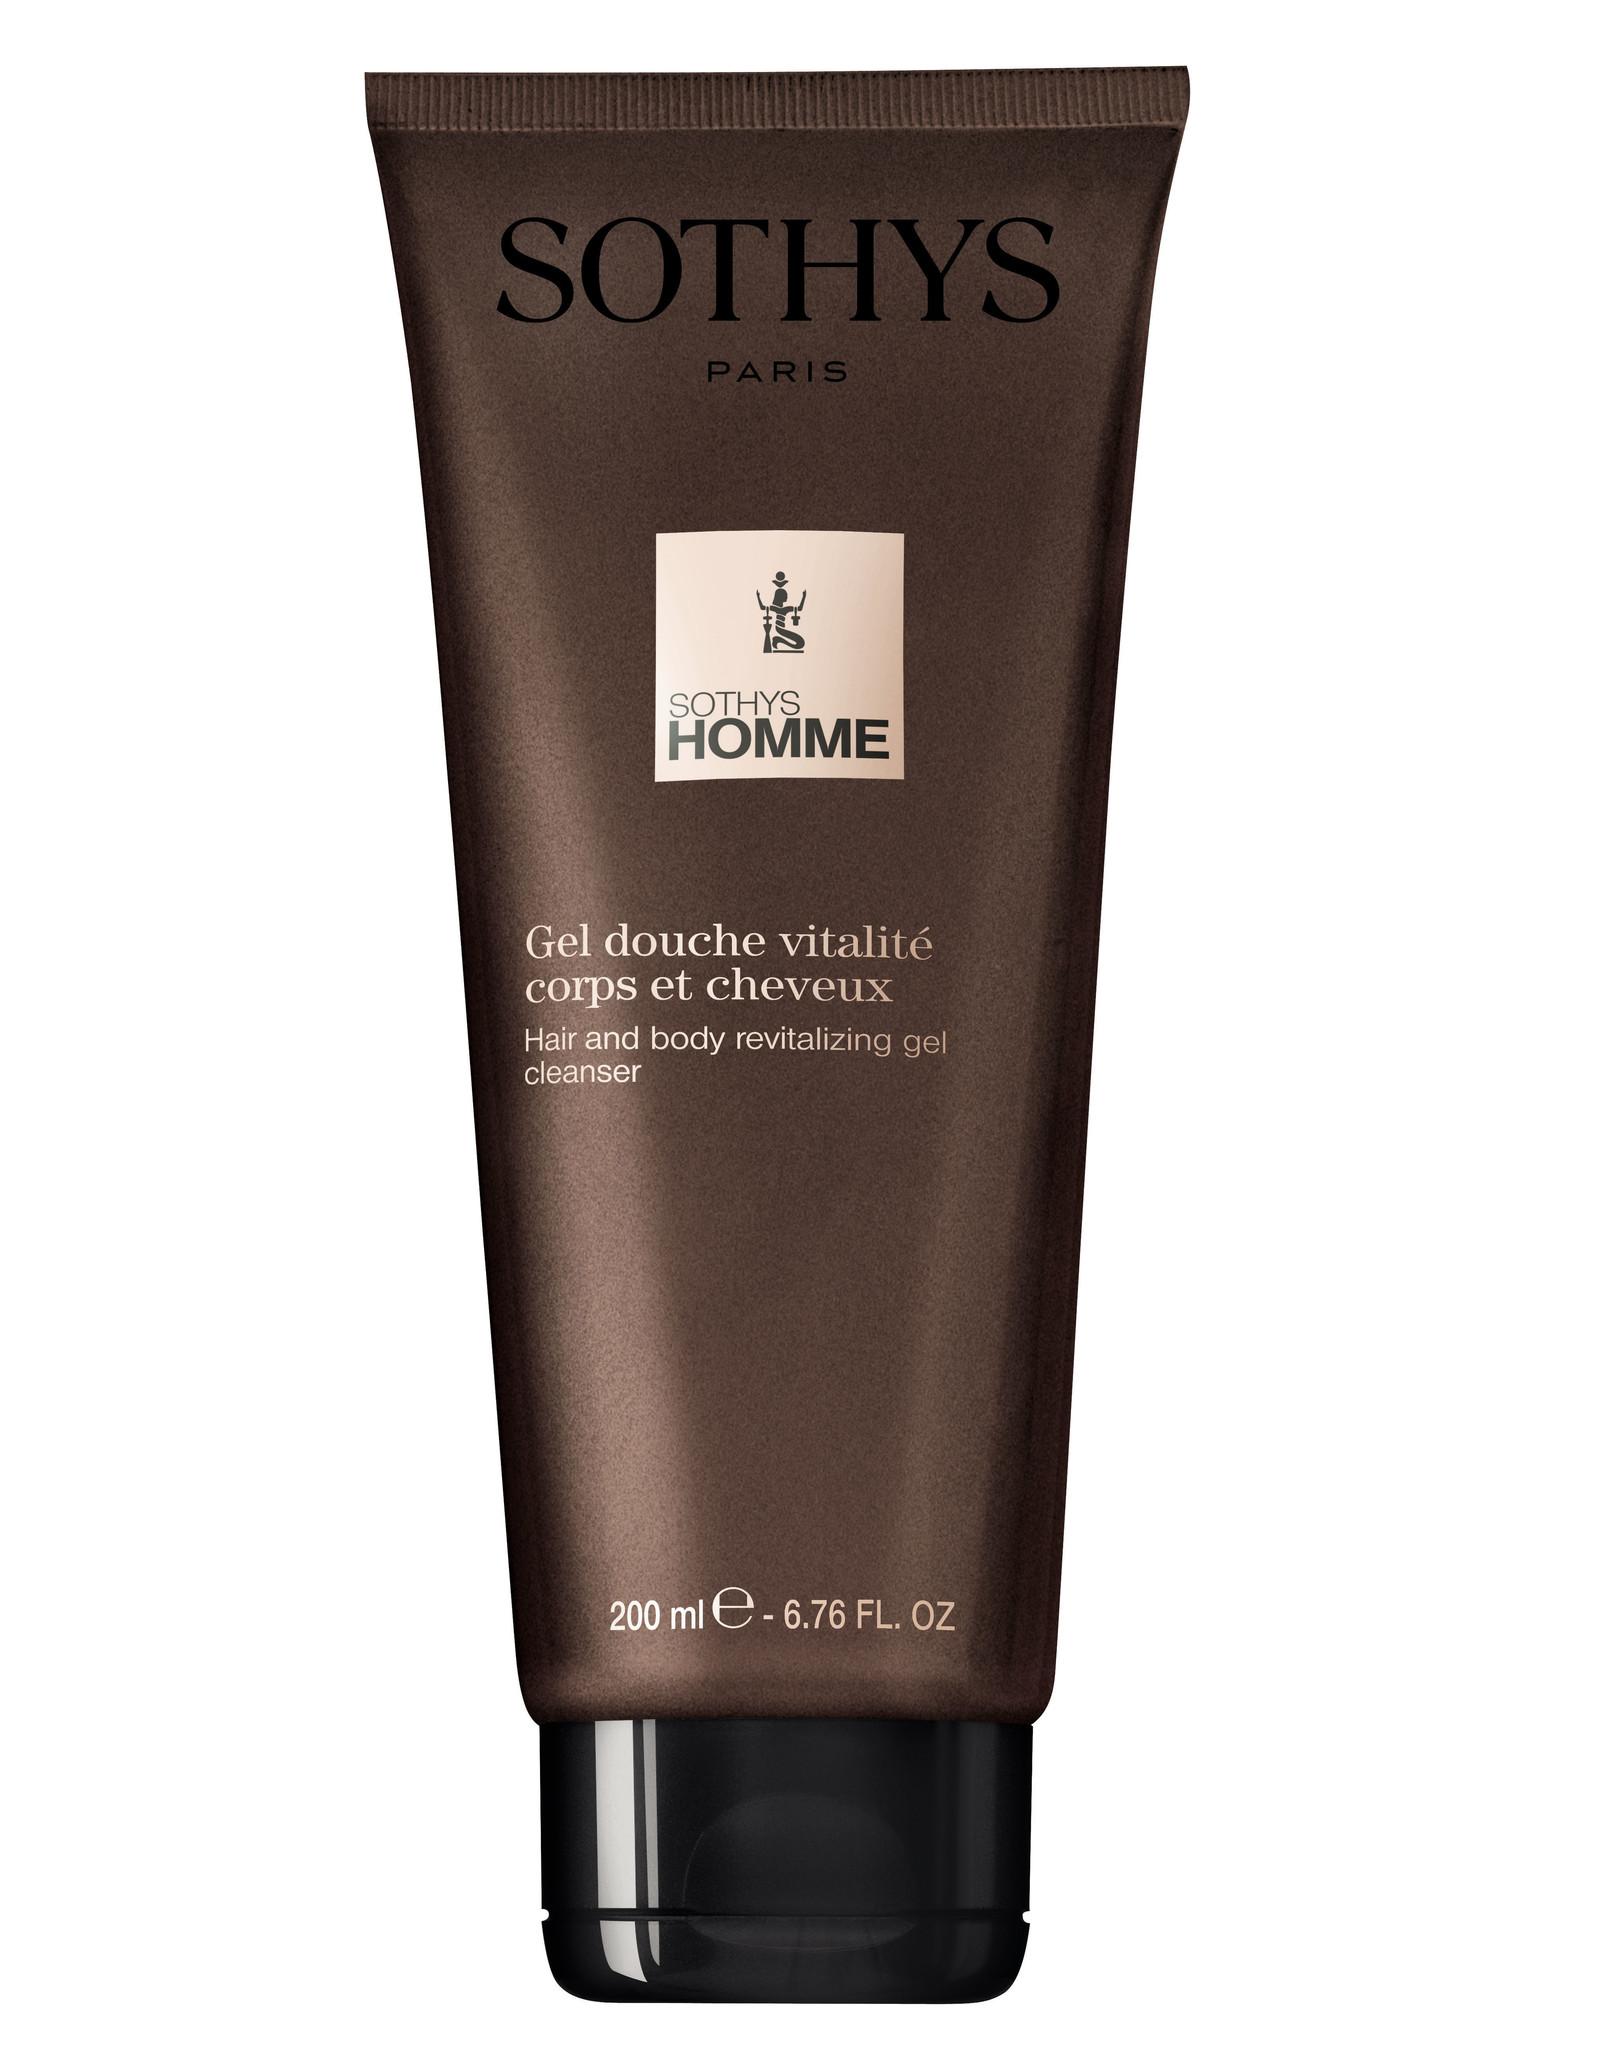 SOTHYS Gel douche vitalité corps et cheveux - Sothys Homme